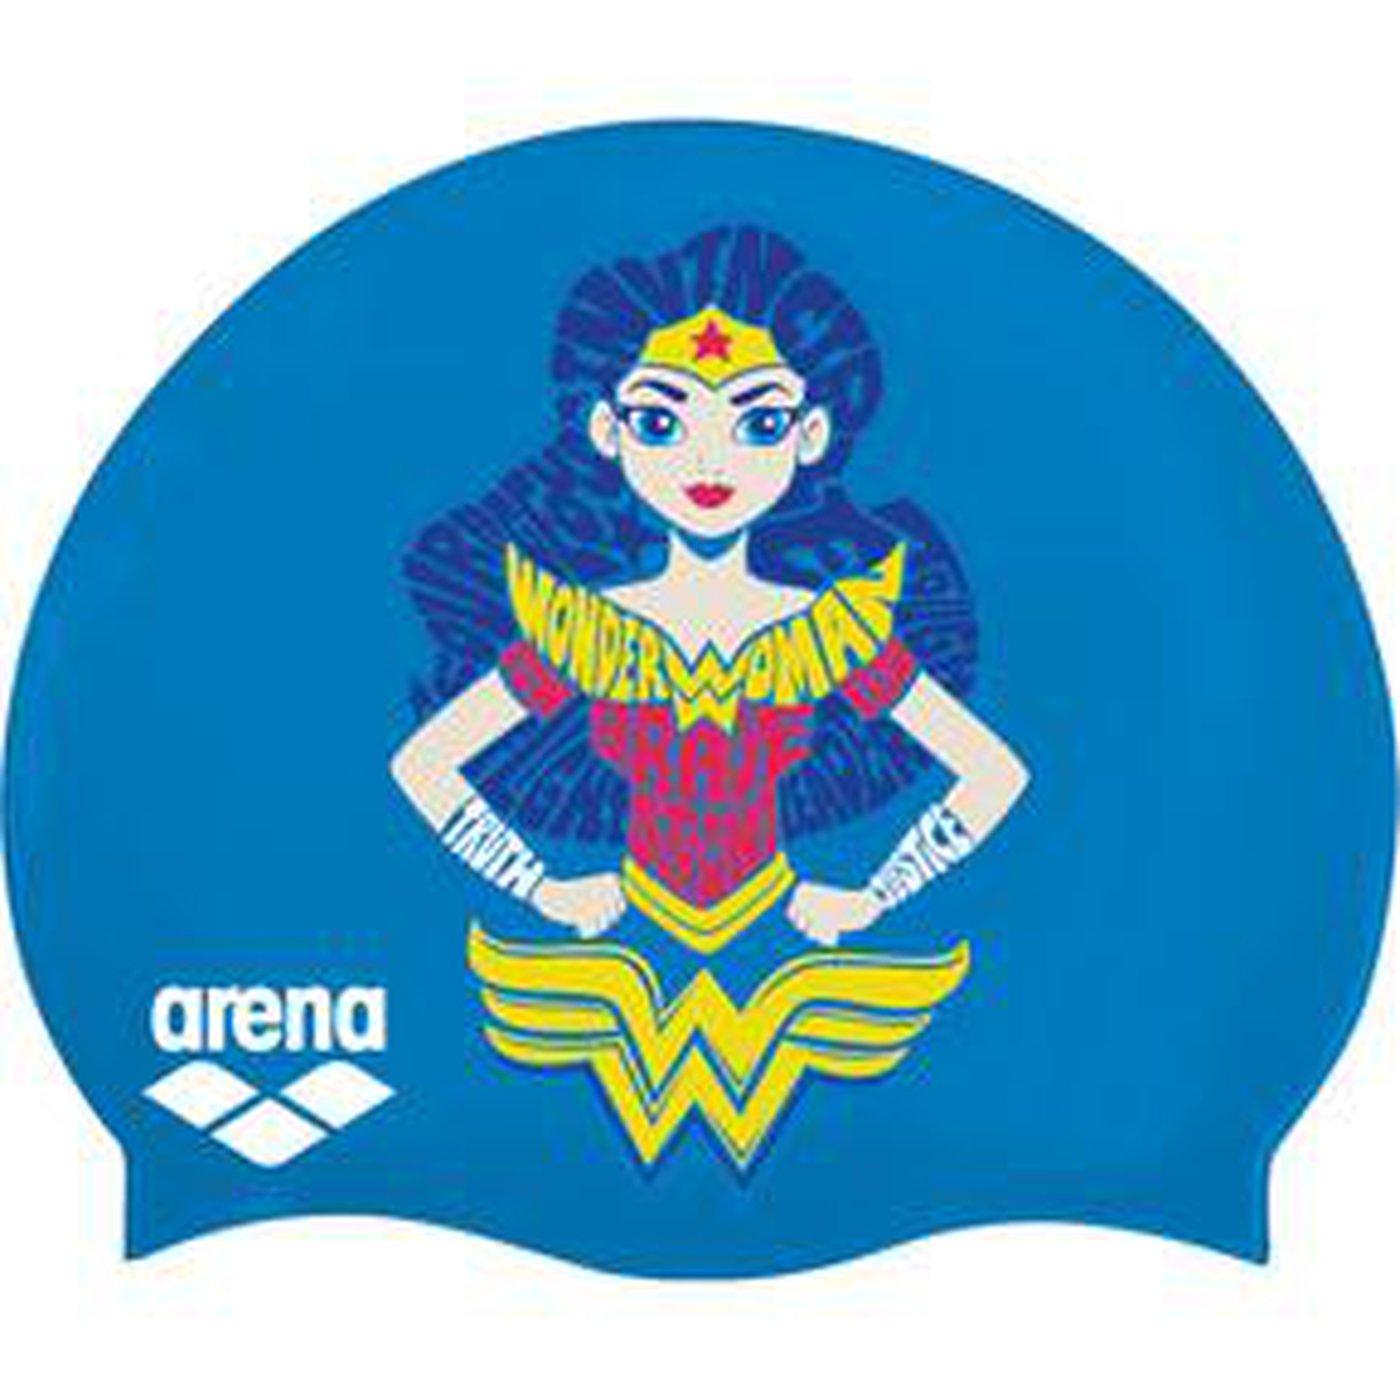 Arna Super Hero Cap JR cuffia blu/bianco wonder woman, Blau/Weiß, Taglia unica